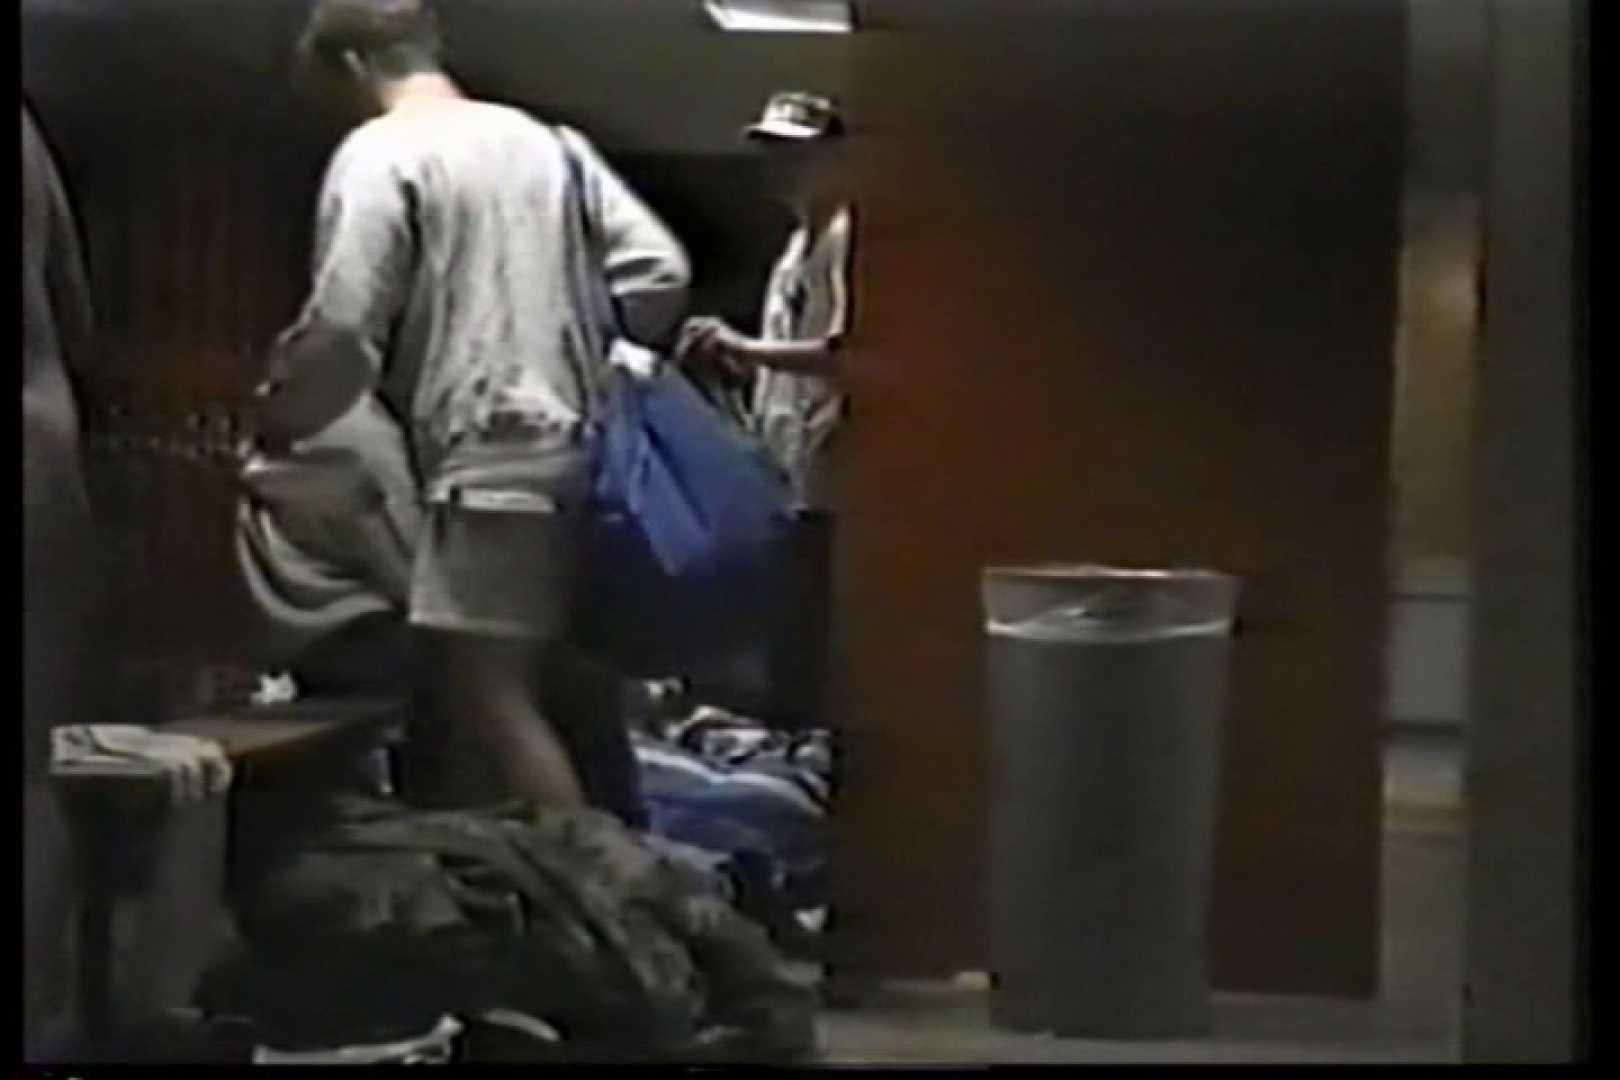 洋人さんの脱衣所を覗いてみました。VOL.3 洋物男子 ゲイ精子画像 92枚 83